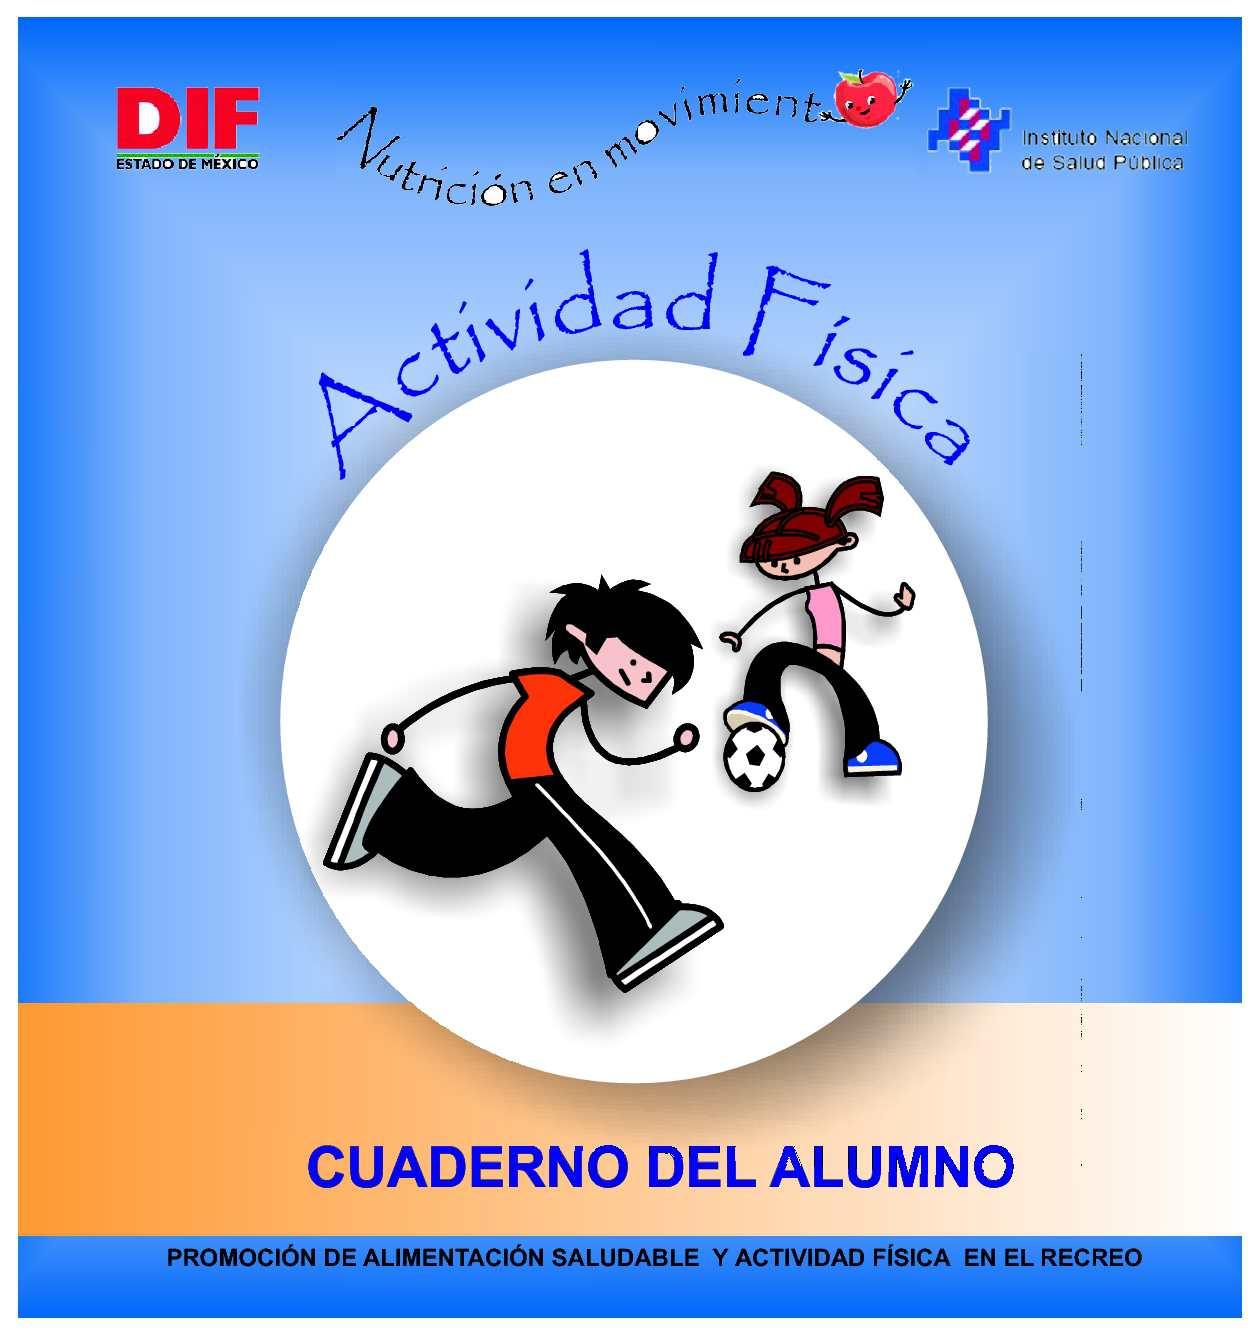 Actividad Física: Cuaderno del alumno